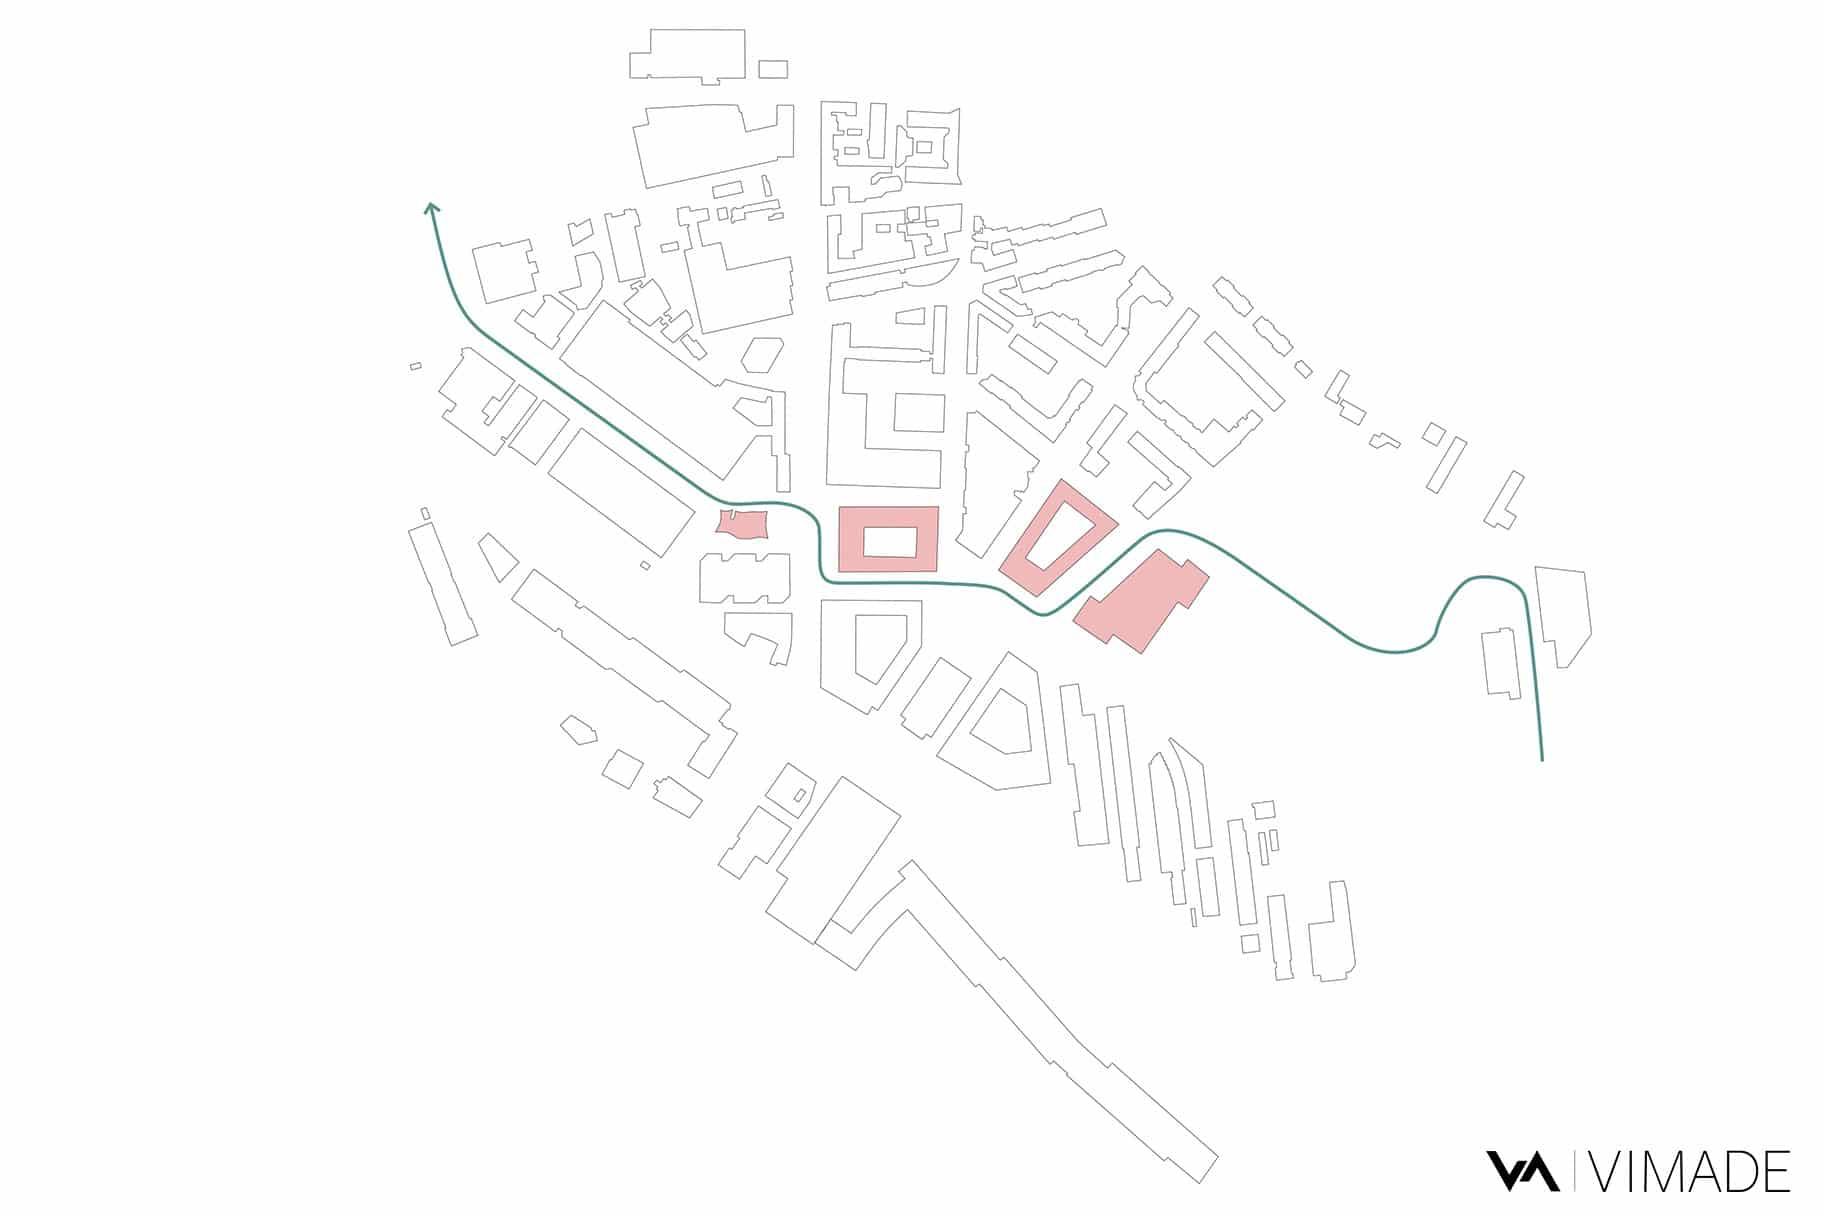 Schéma de projet d'aménagement de la place autour de la tour Etoile 1 pour le PAV avec la renaturation de la Drize.